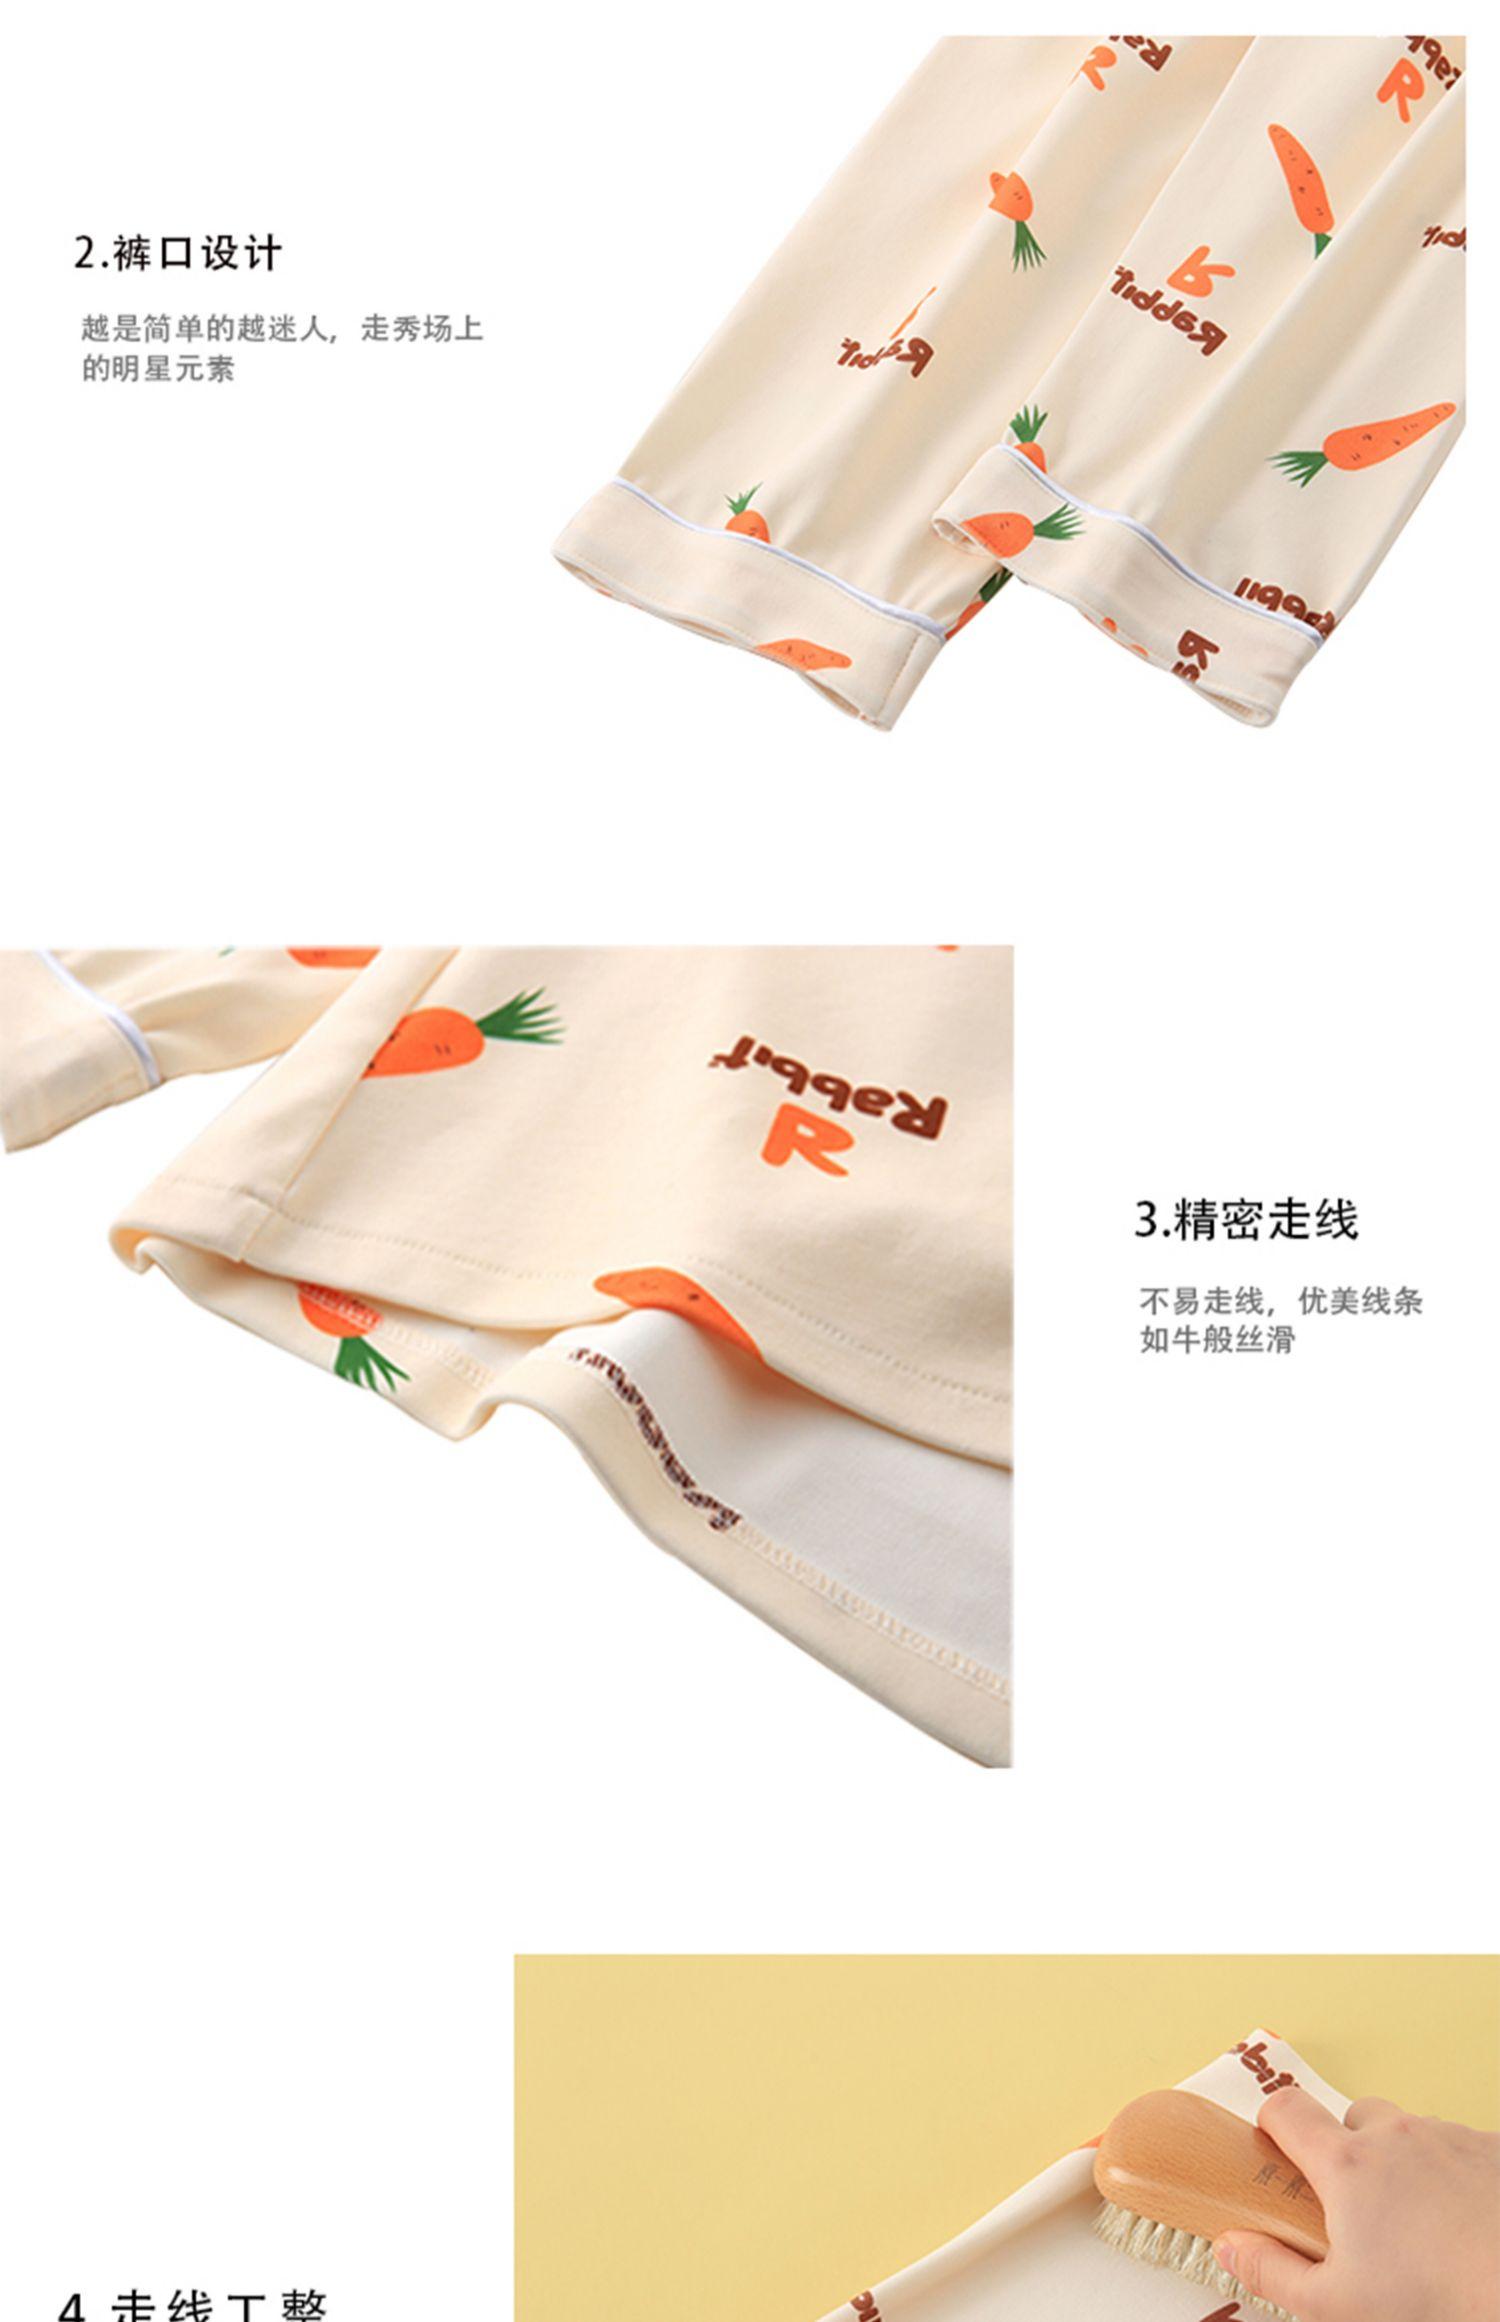 【可爱伴】女士纯棉睡衣2件套8